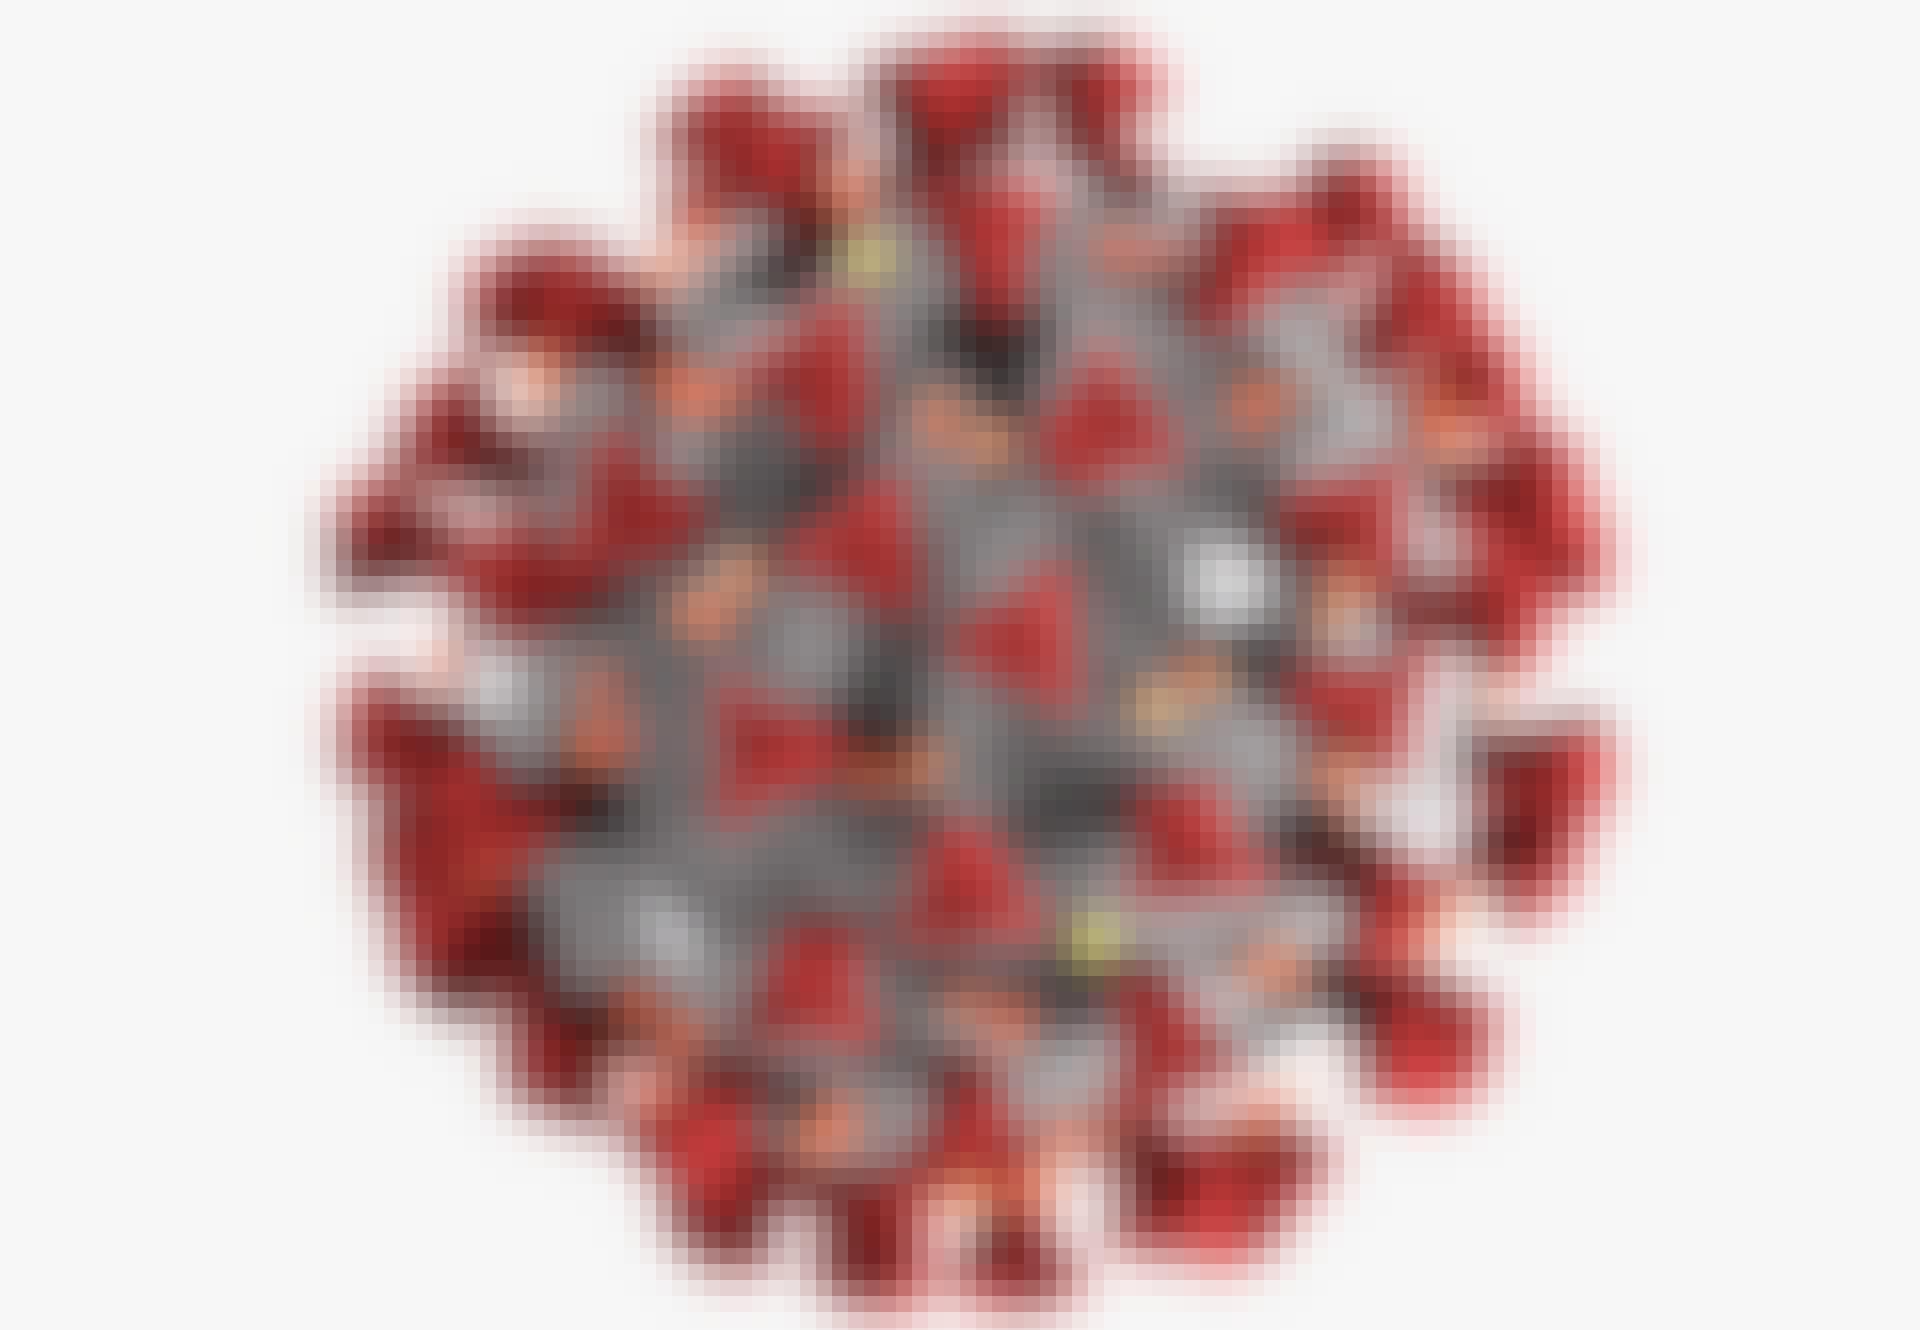 Spike-eiwitten op het oppervlak van het coronavirus